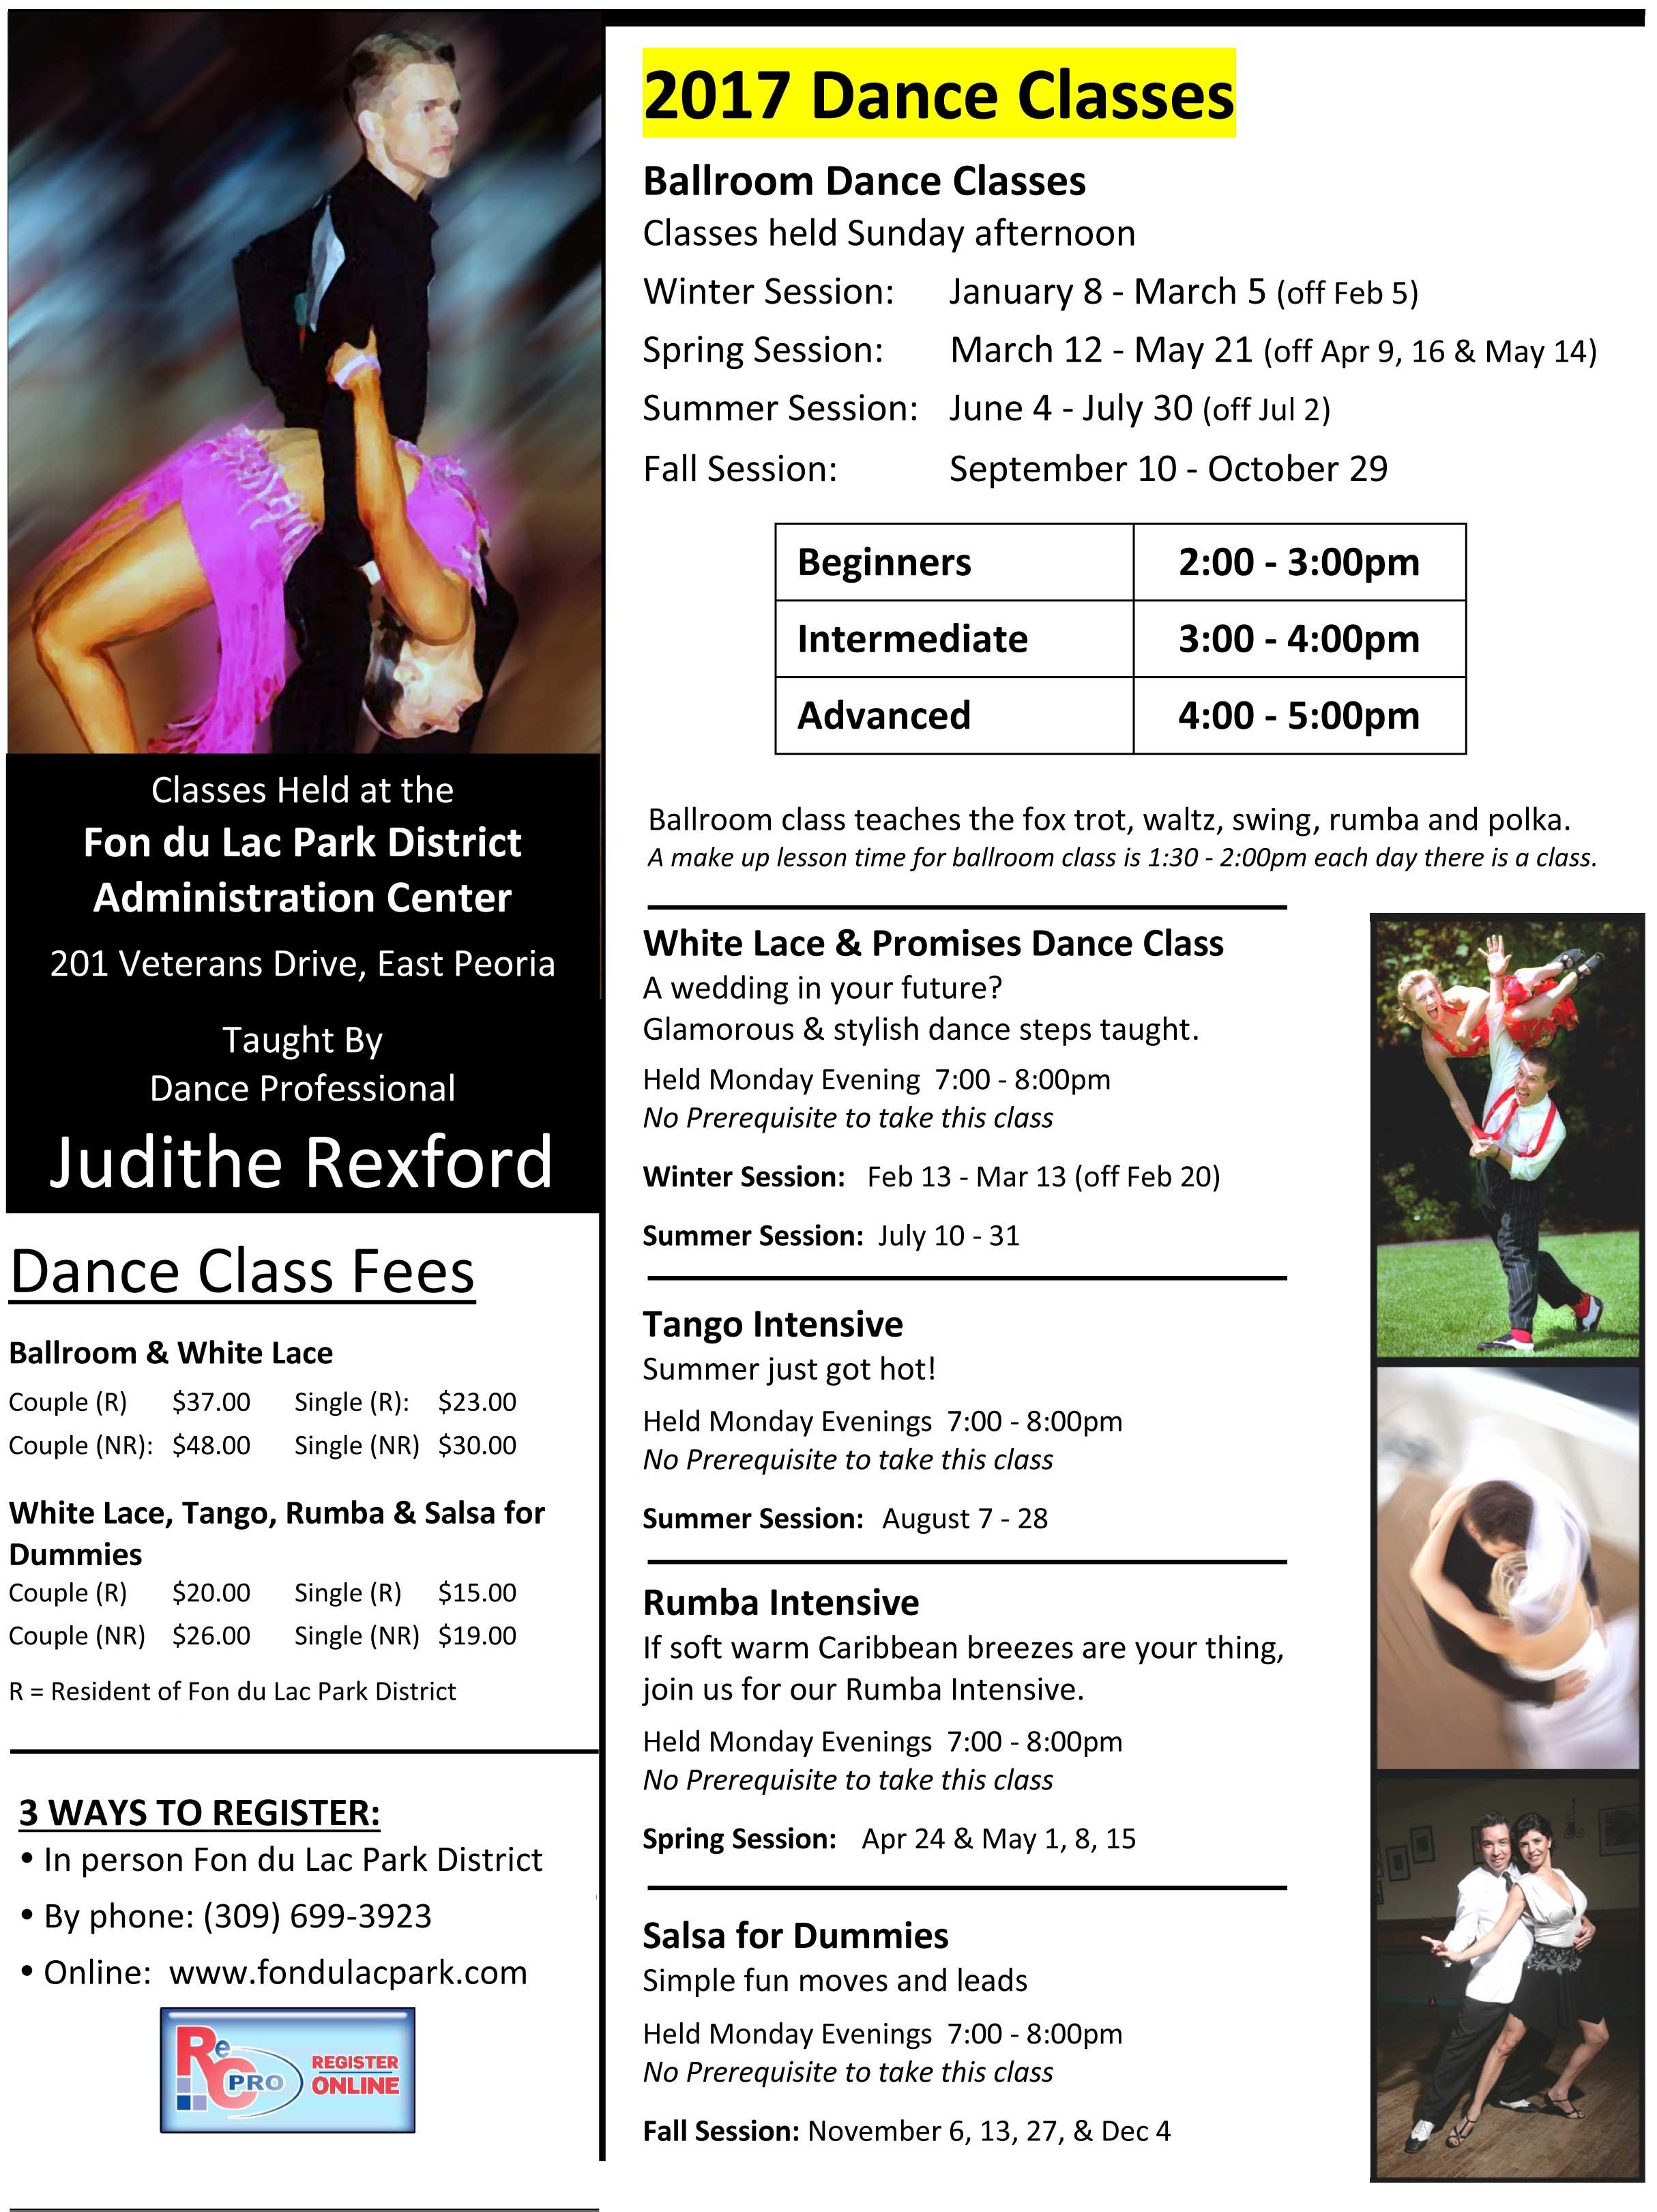 dance-classes-2017